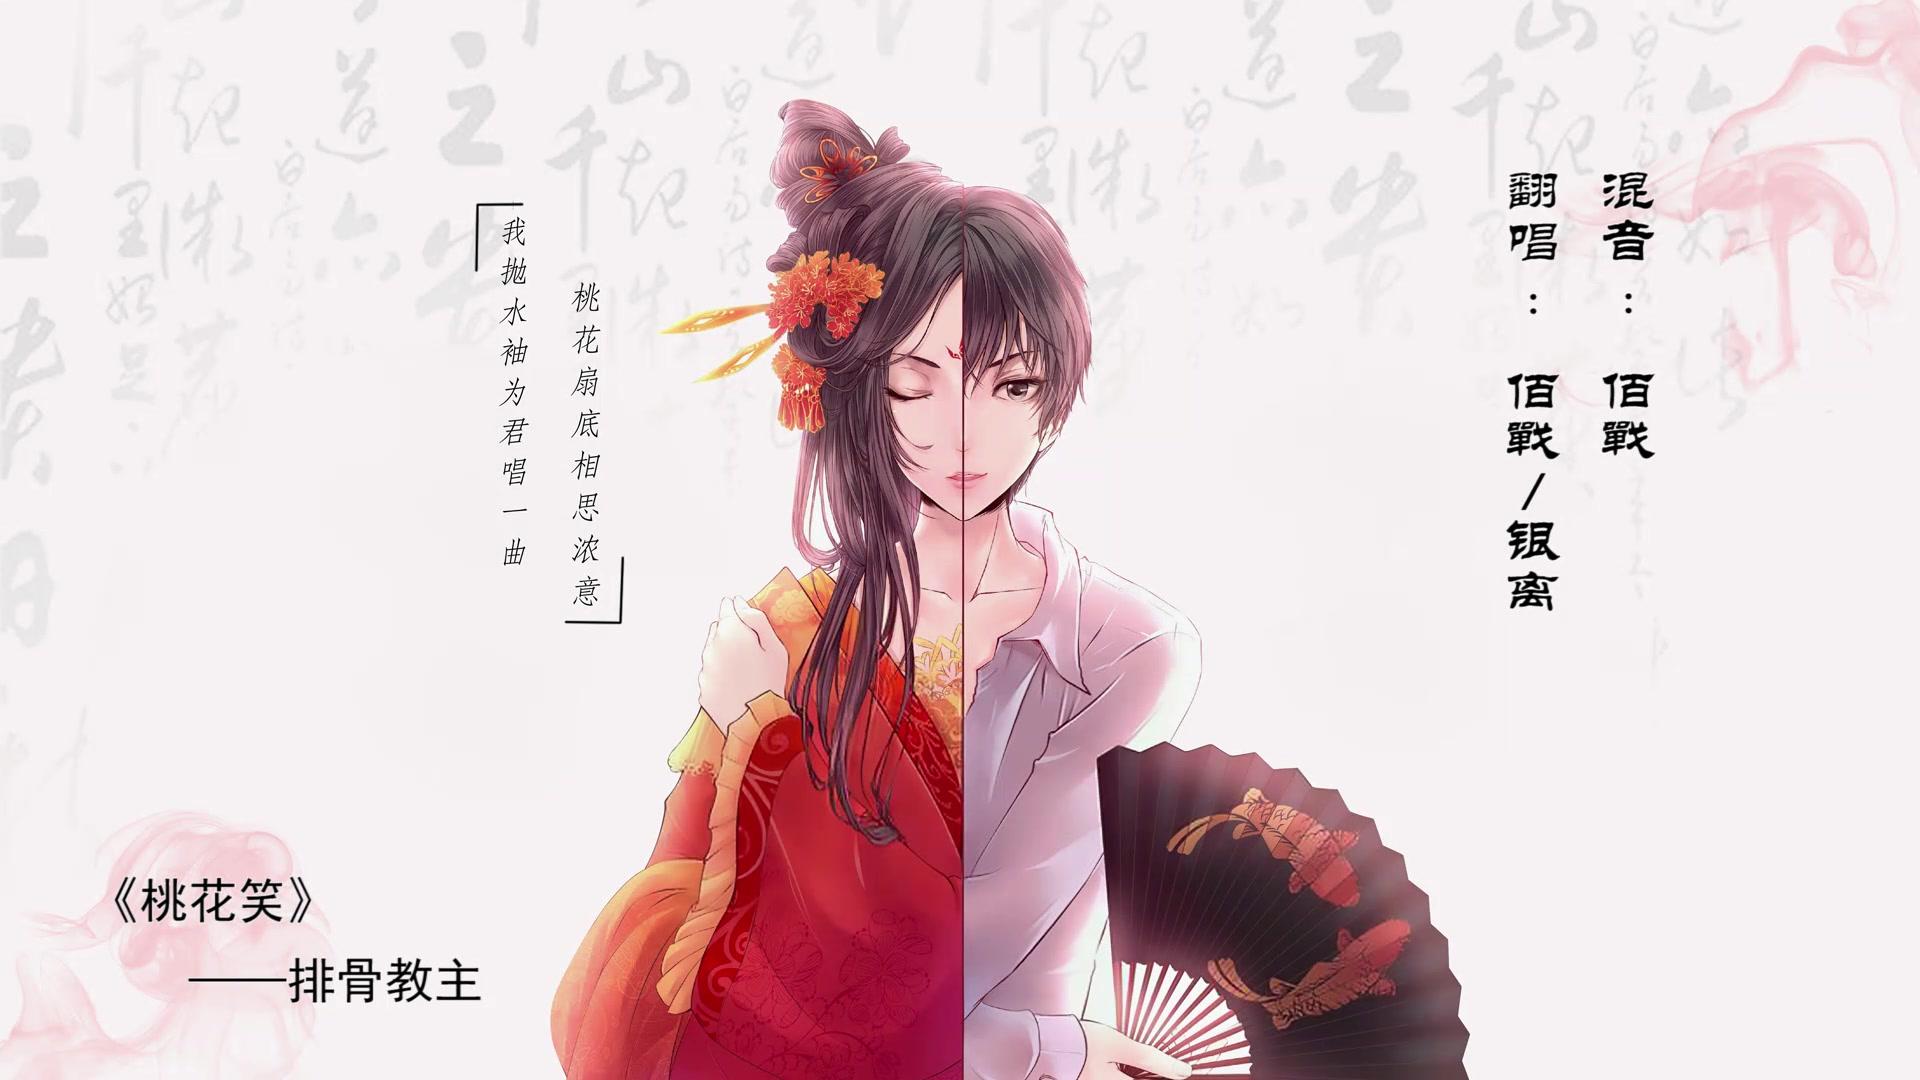 【佰战&银离】桃花笑(排骨教主版+2key)